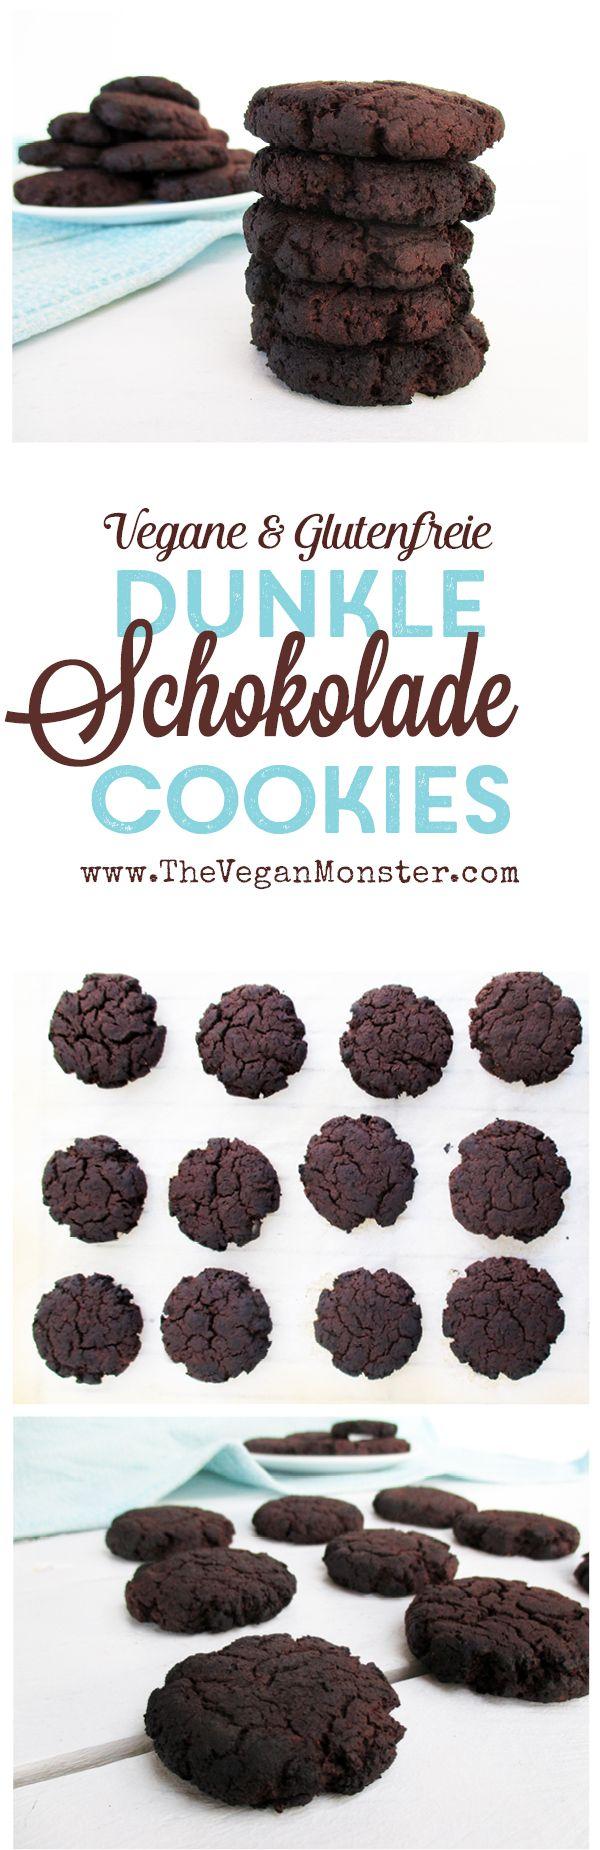 Vegane Glutenfreie Mehllose Dunkle Schokolade Cookies Ohne Getreide Ohne Nüsse Rezept